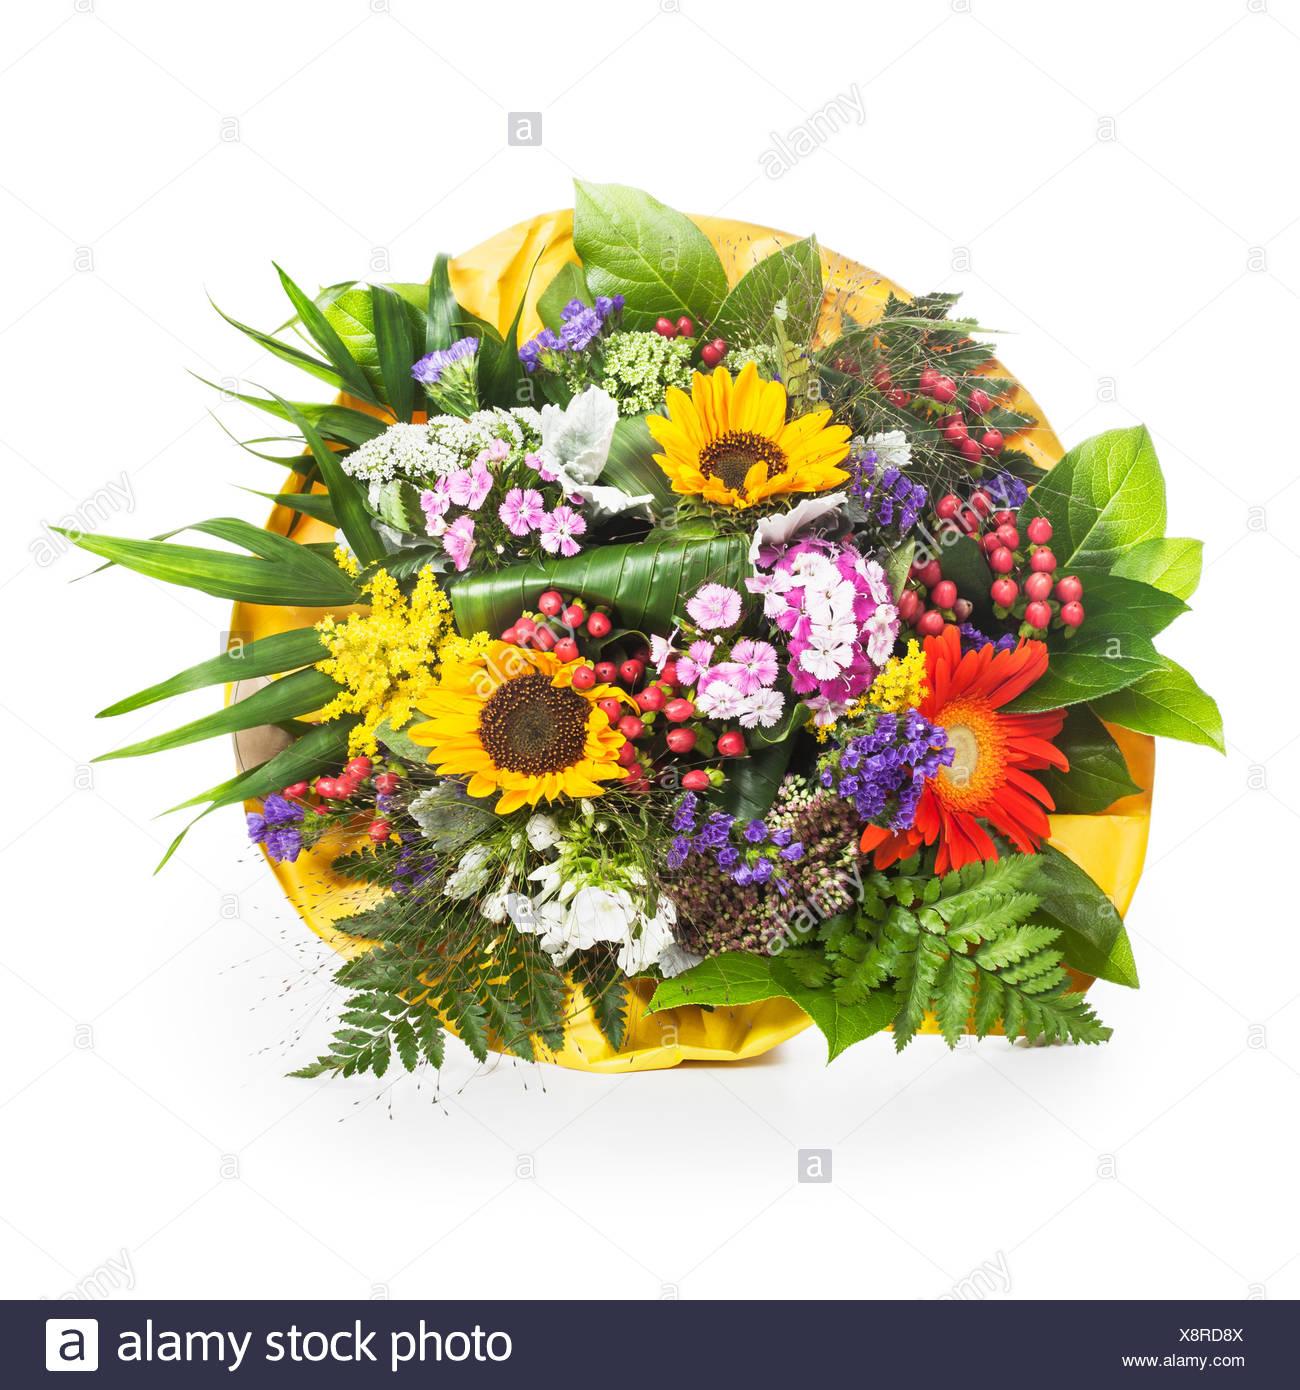 Beautiful bouquet of summer flowers wrapped in yellow paper on white beautiful bouquet of summer flowers wrapped in yellow paper on white background mightylinksfo